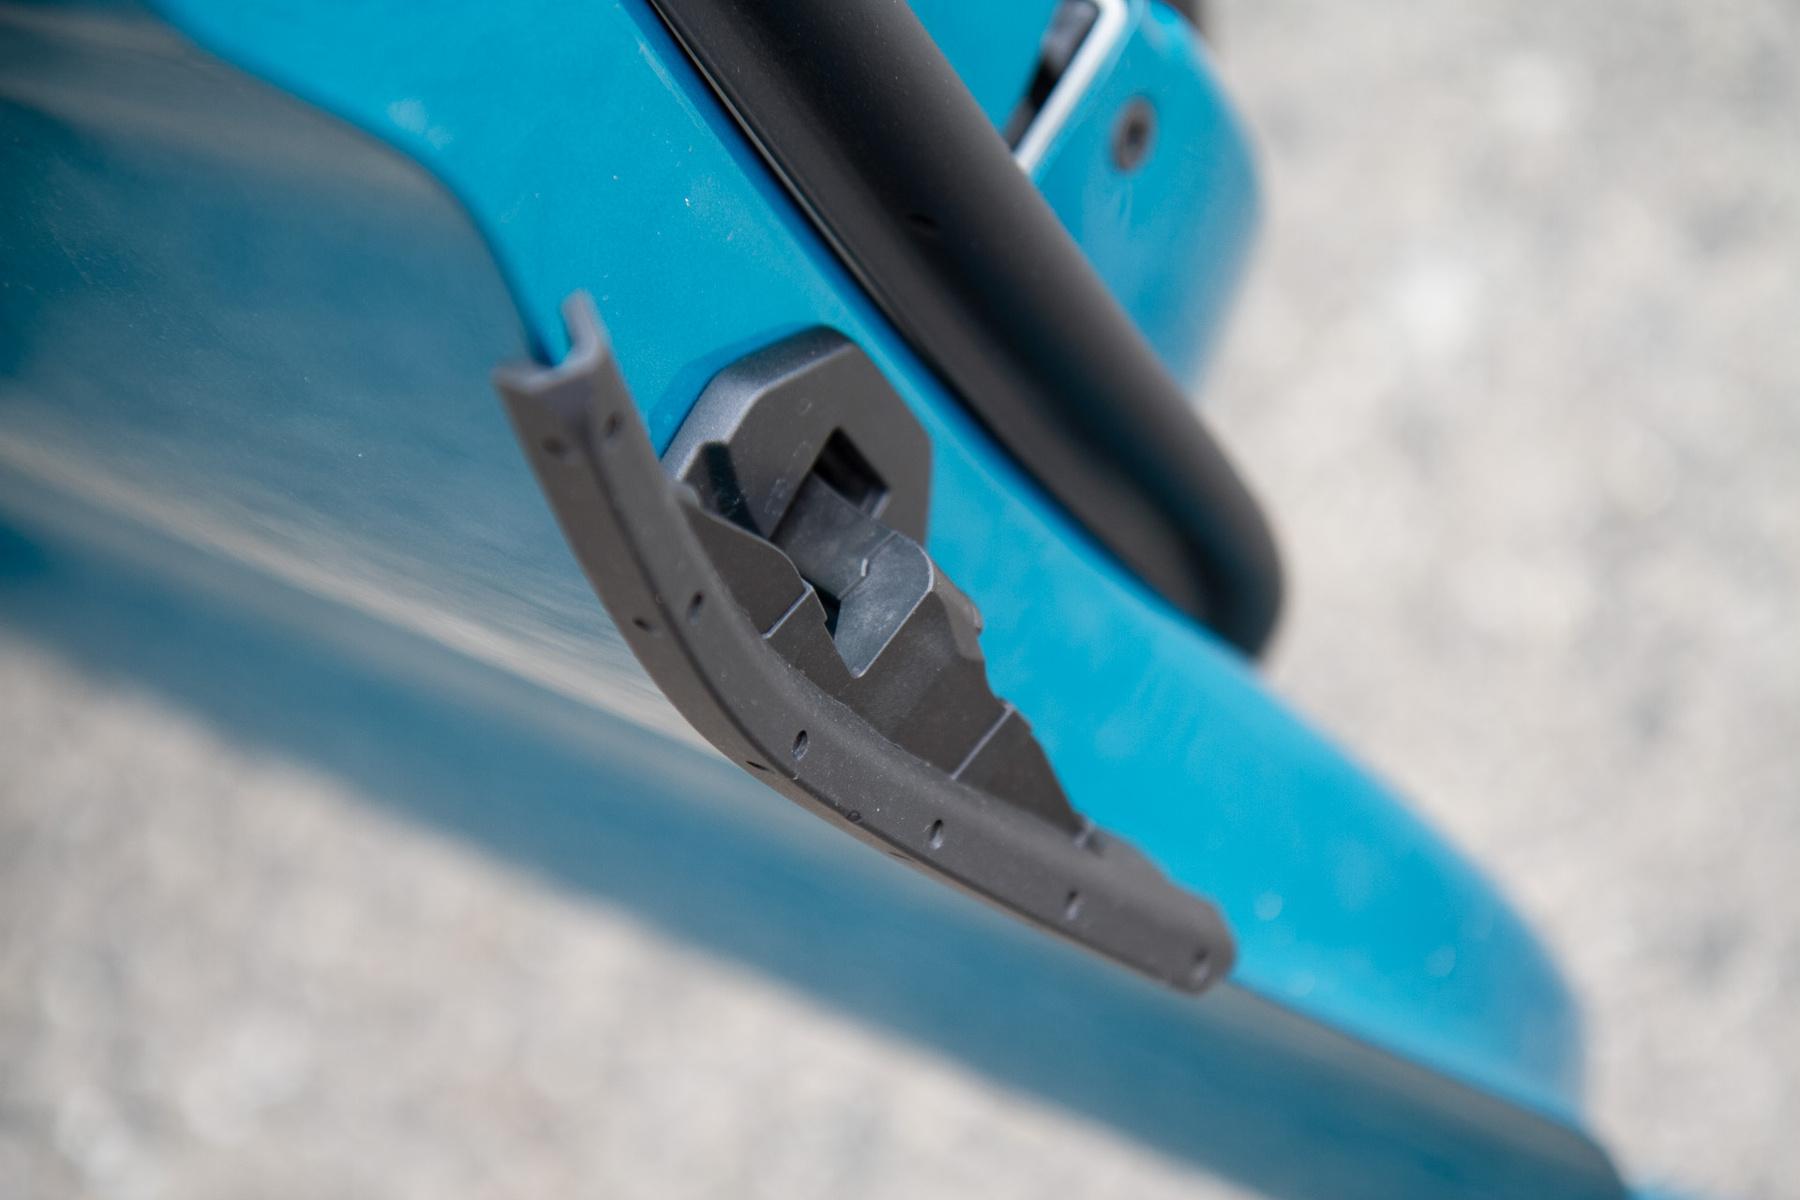 Az ős-Ignis és Wagon R+ kulcsát már lecserélhették volna